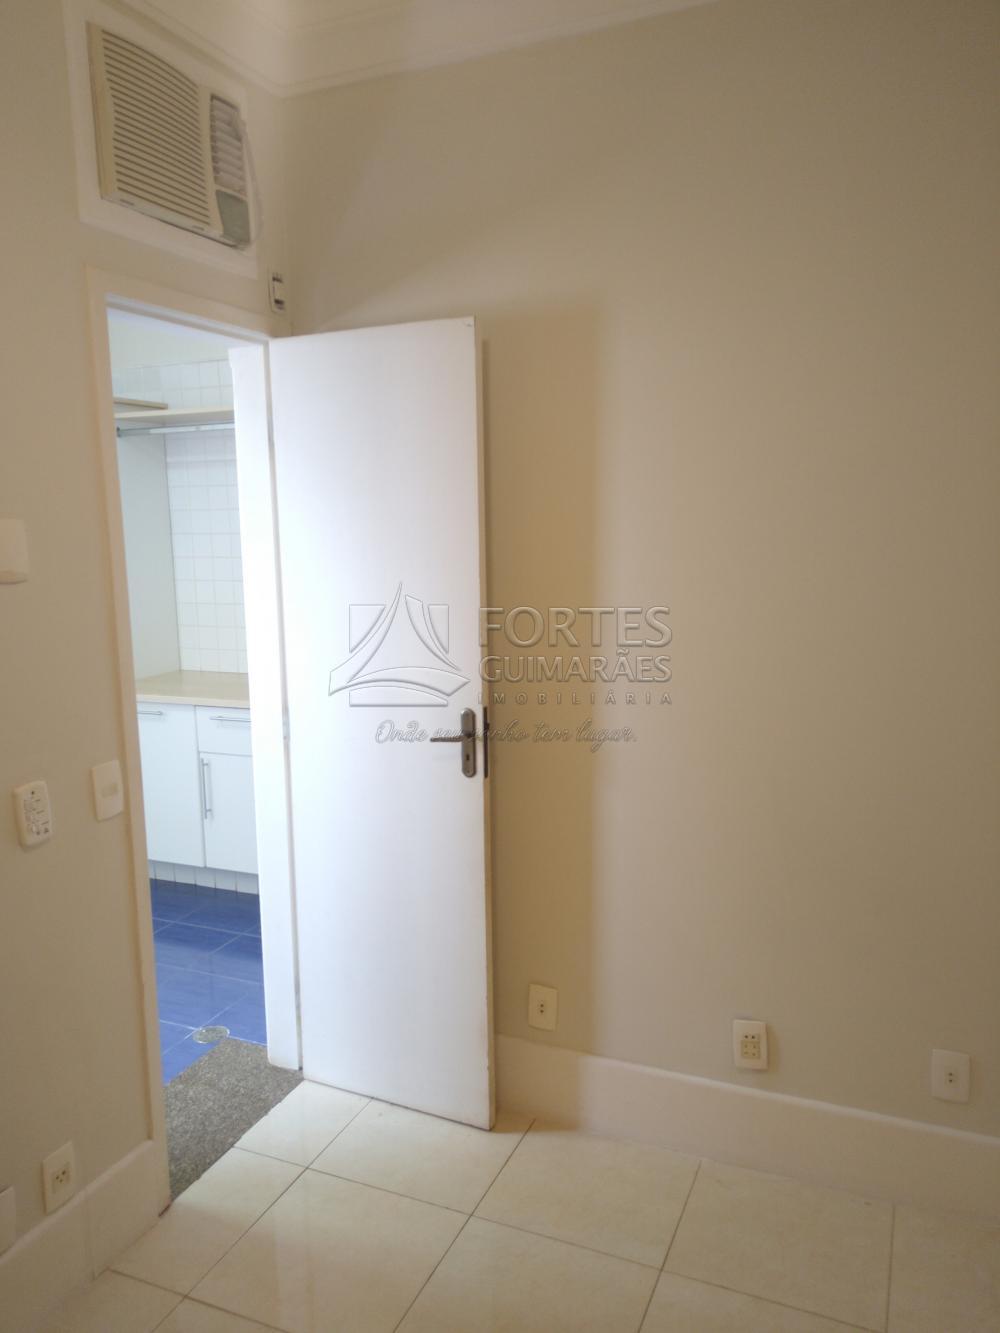 Alugar Apartamentos / Padrão em Ribeirão Preto apenas R$ 3.000,00 - Foto 62